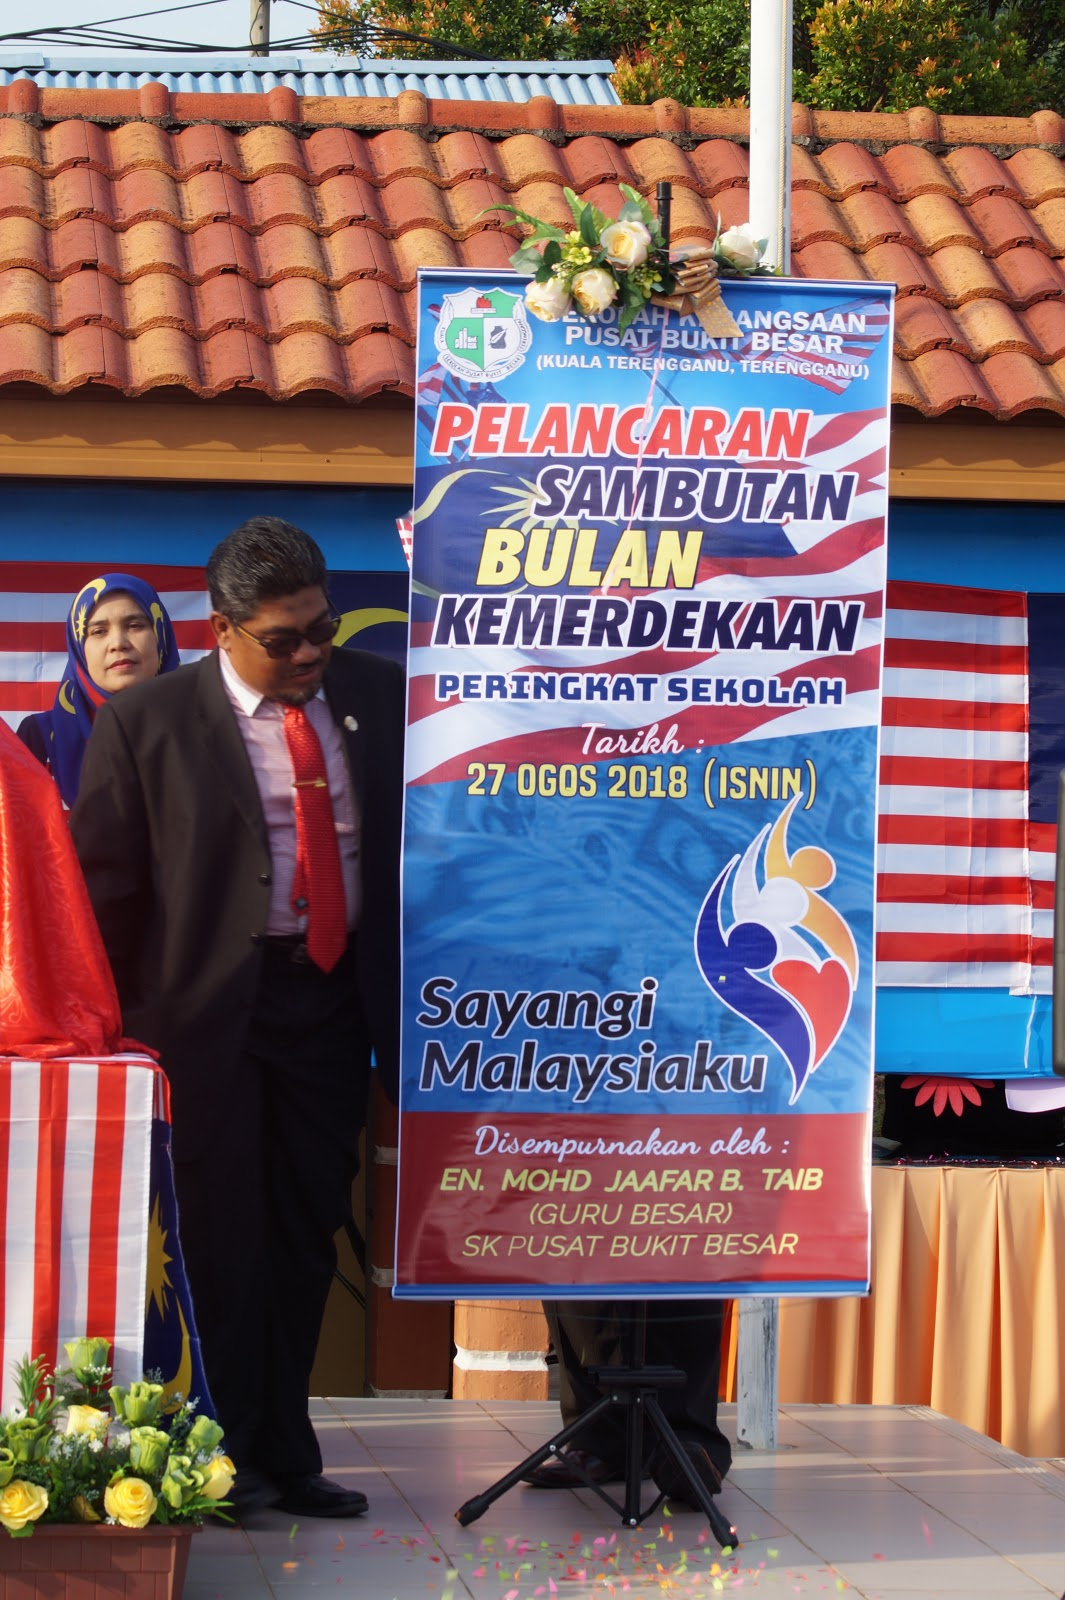 Pelancaran Sambutan Bulan Kemerdekaan 2018 Sk Pusat Bukit Besar